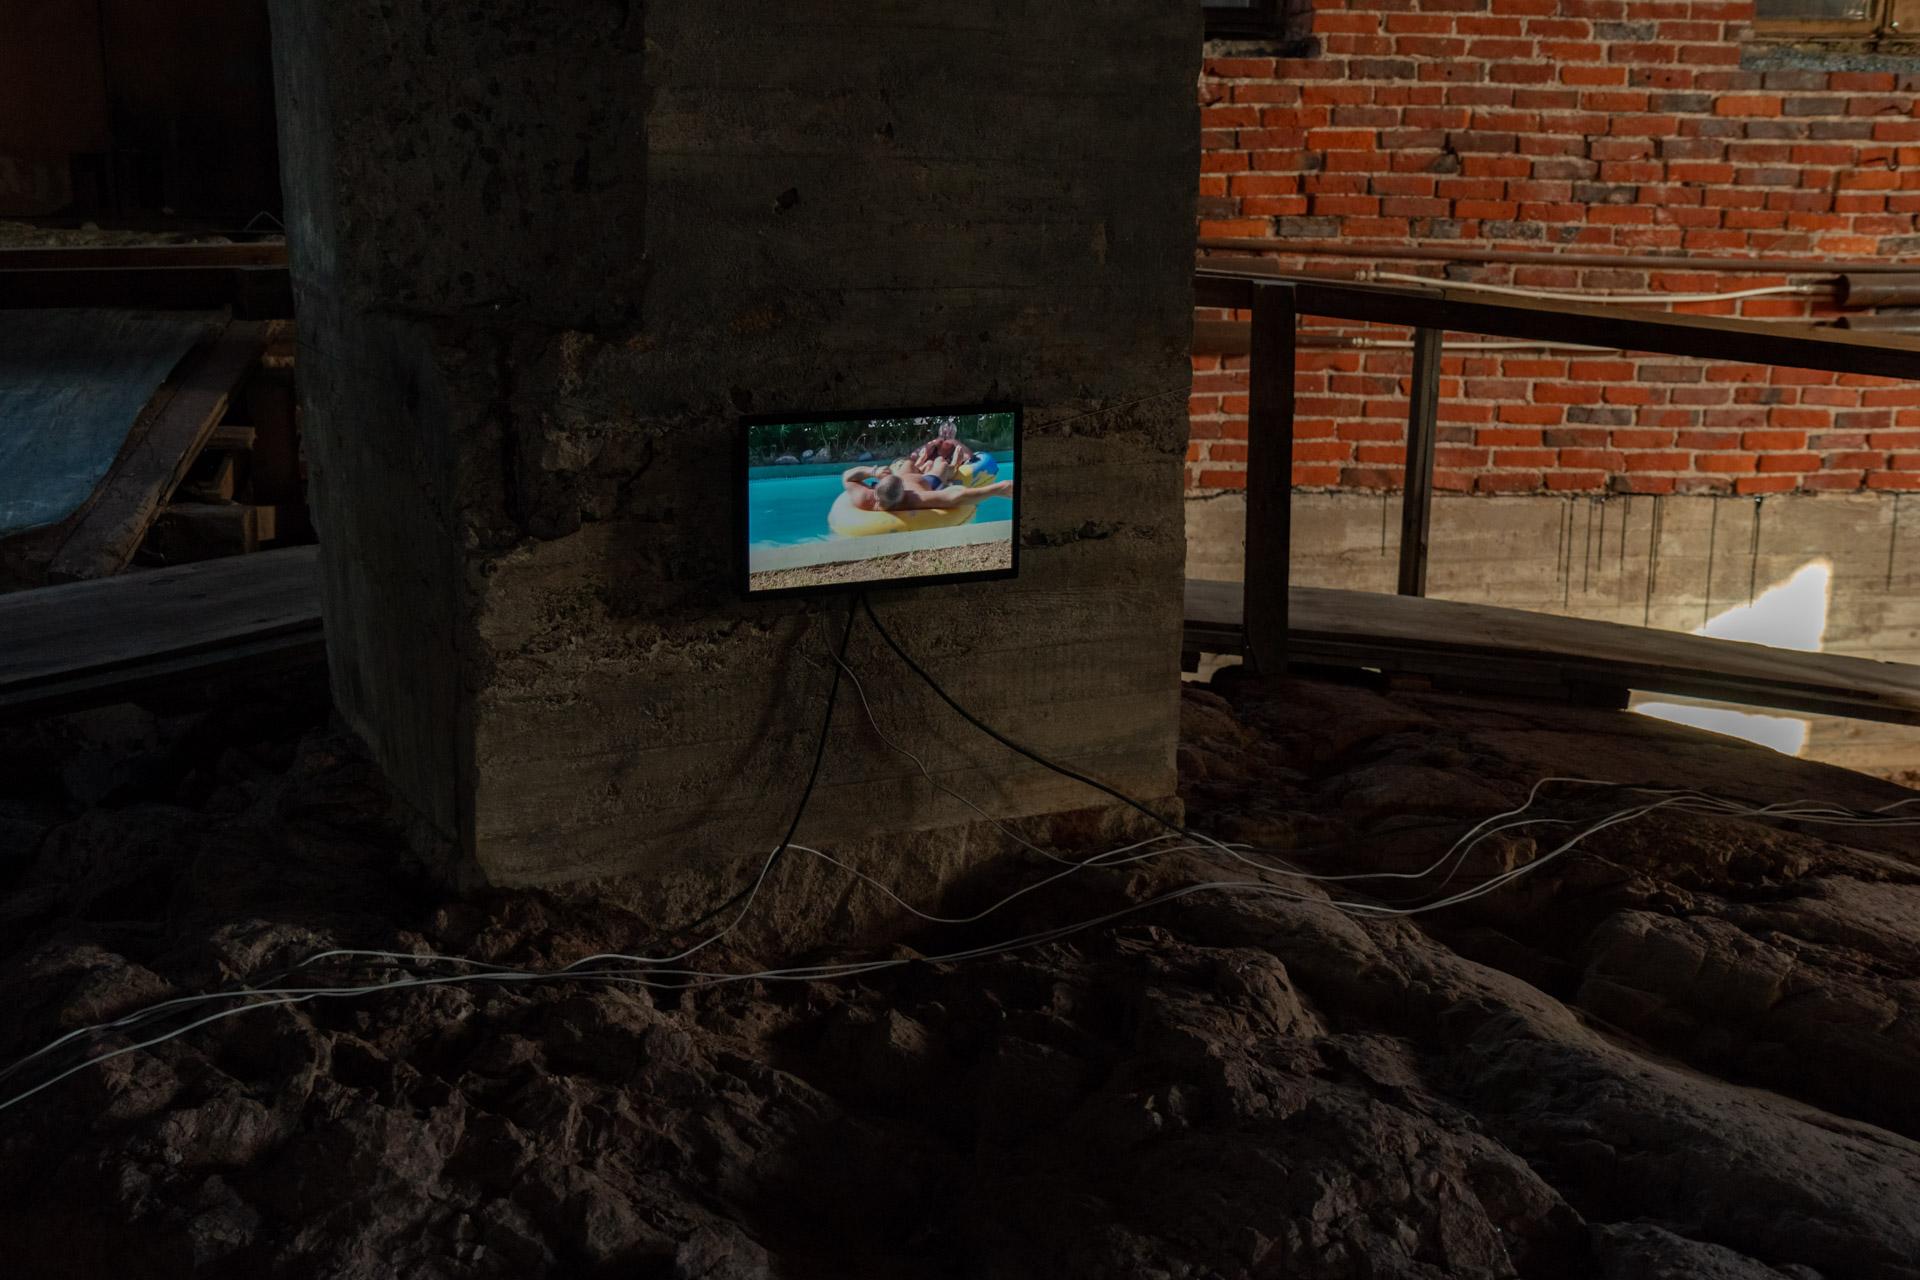 Жизнь как Жизнь. СТИКС, сайт-специфик инсталляция — Елена Губанова, Иван Говорков,2016